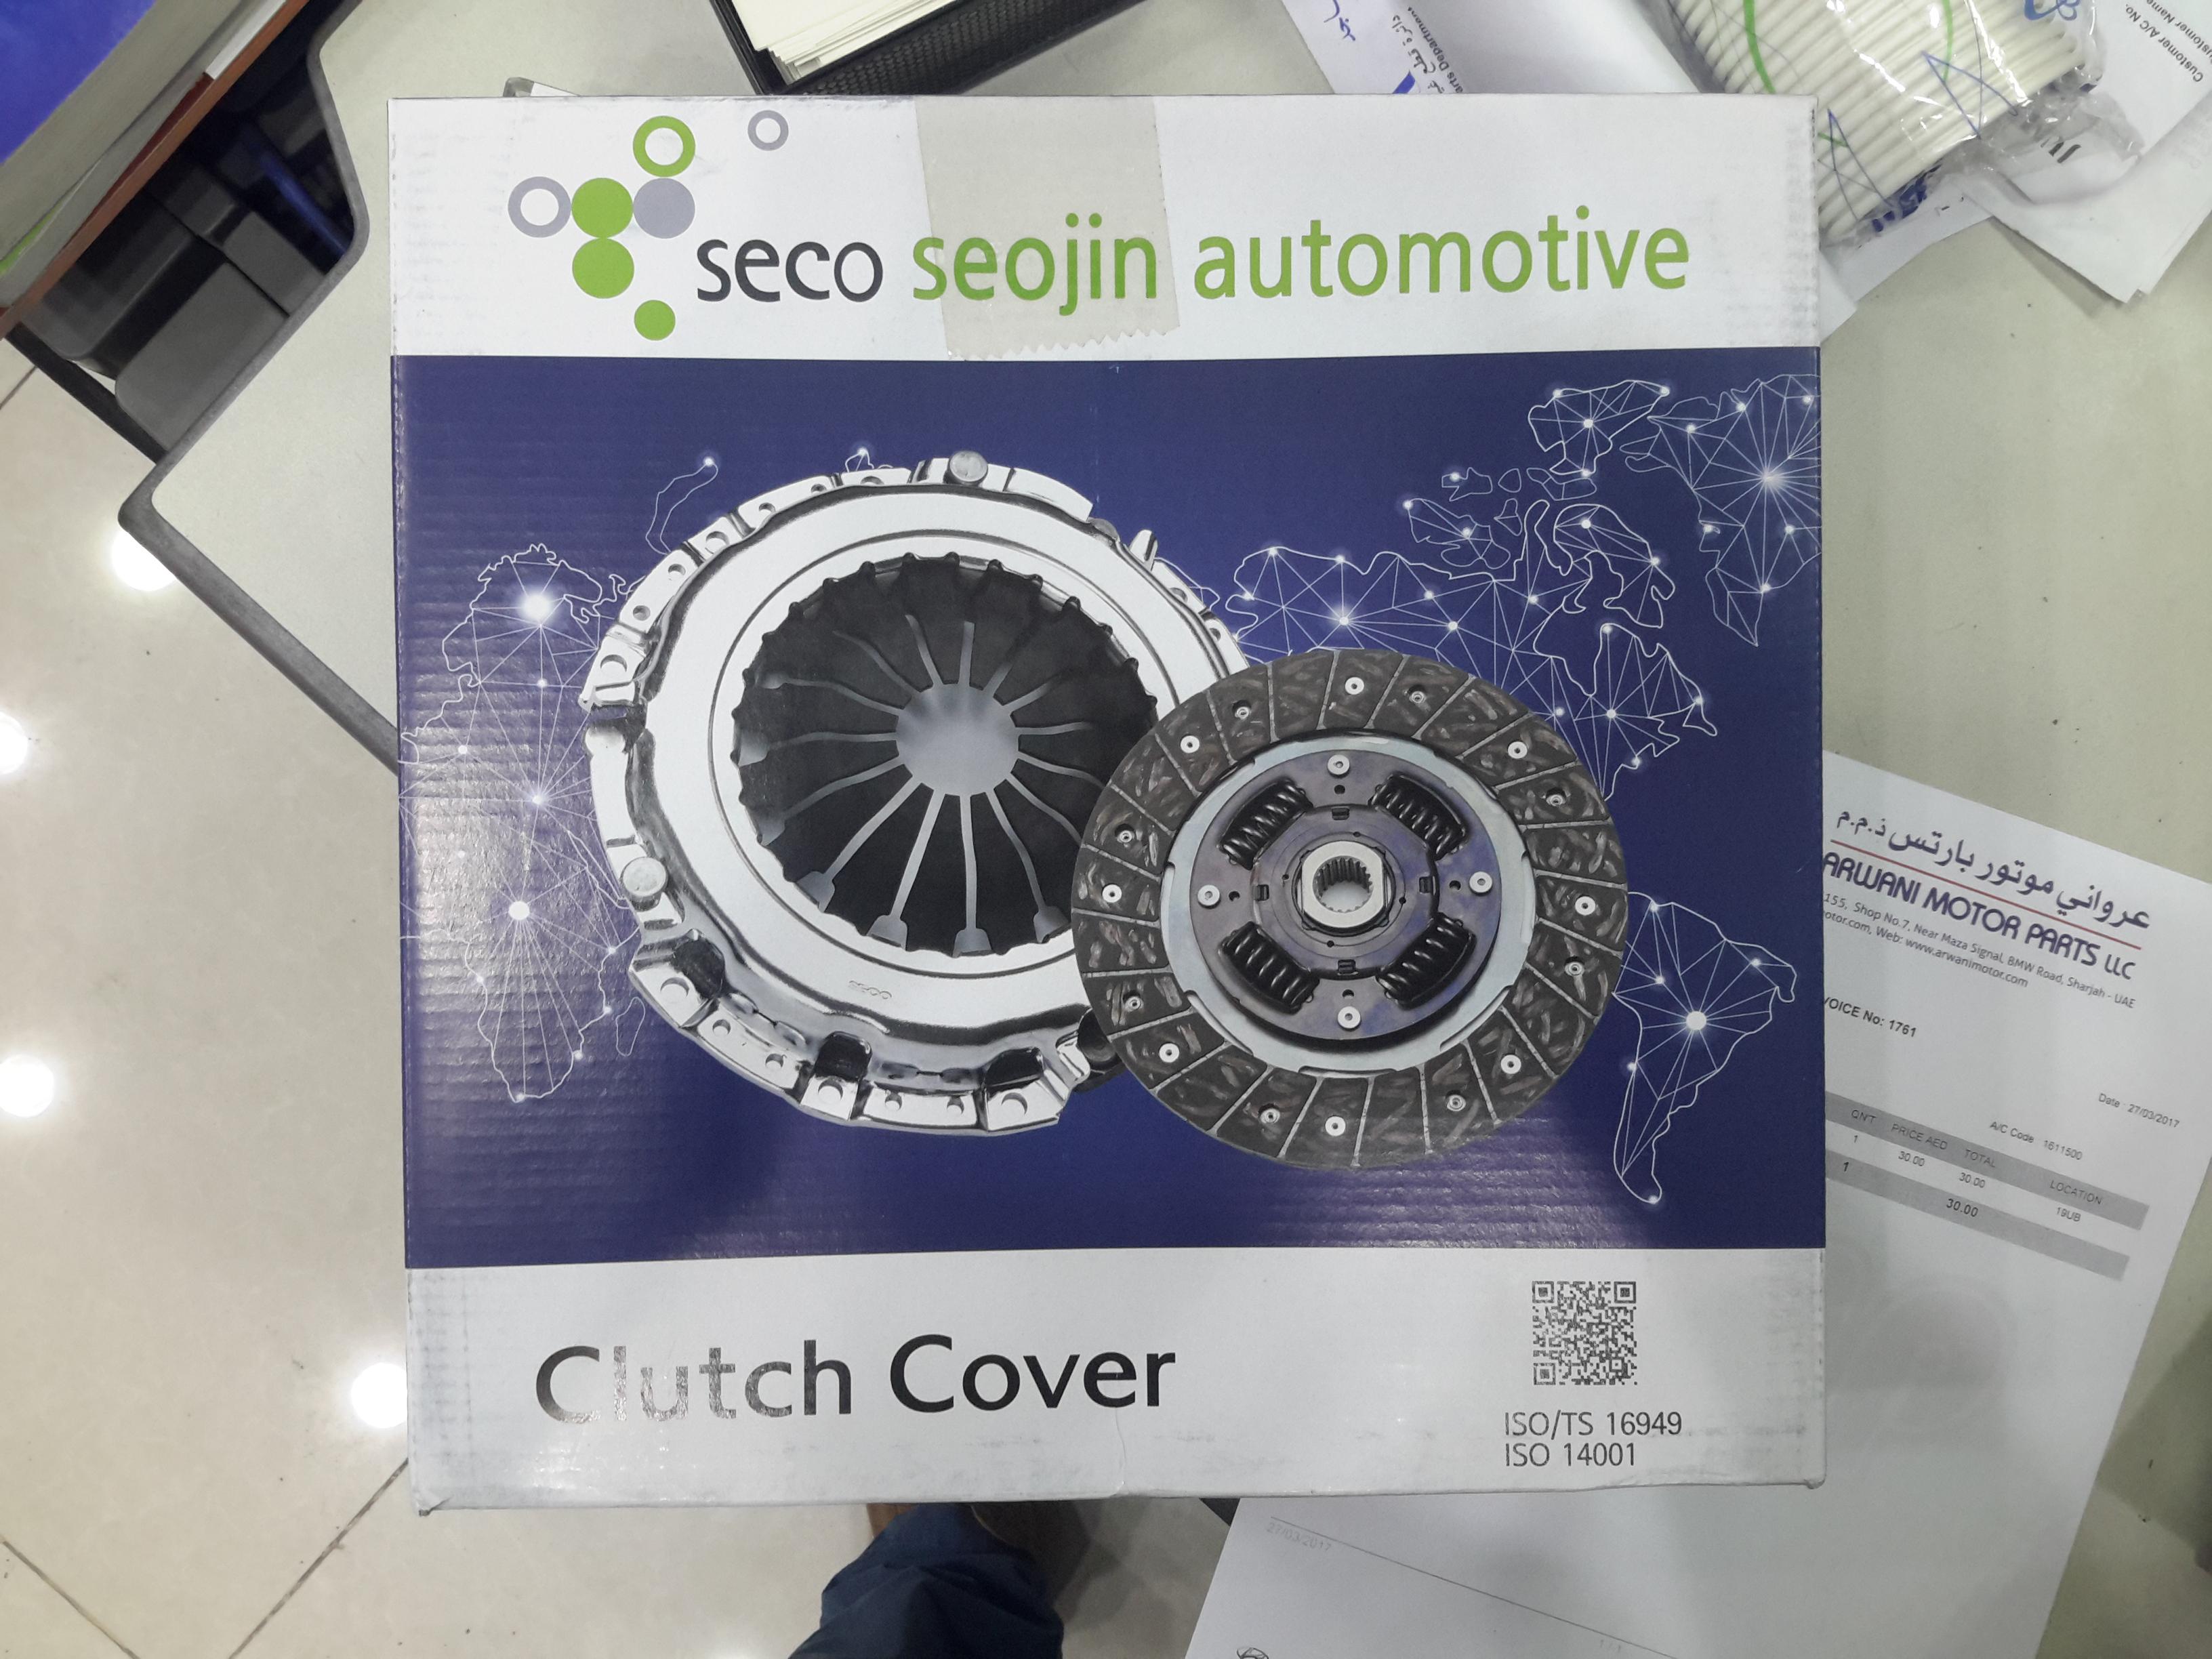 Clutch Cover_2